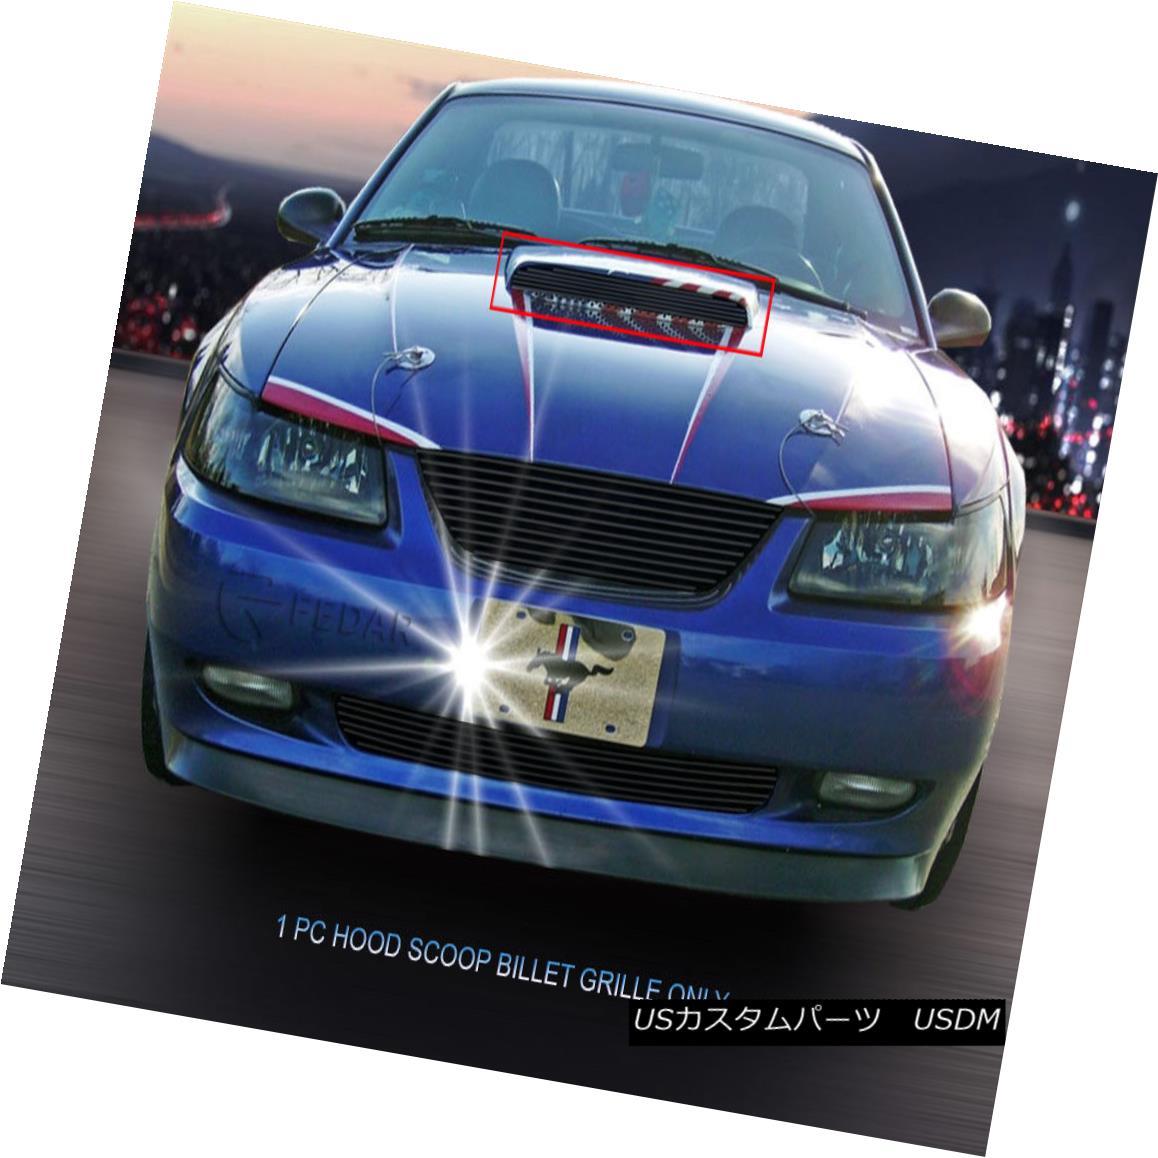 グリル 1999-2004 Ford Mustang GT V8 Hood Scoop Billet Grille Upper Black Insert Fedar 1999-2004フォードマスタングGT V8フードスクープビレットグリルアッパーブラックインサートフェルダ